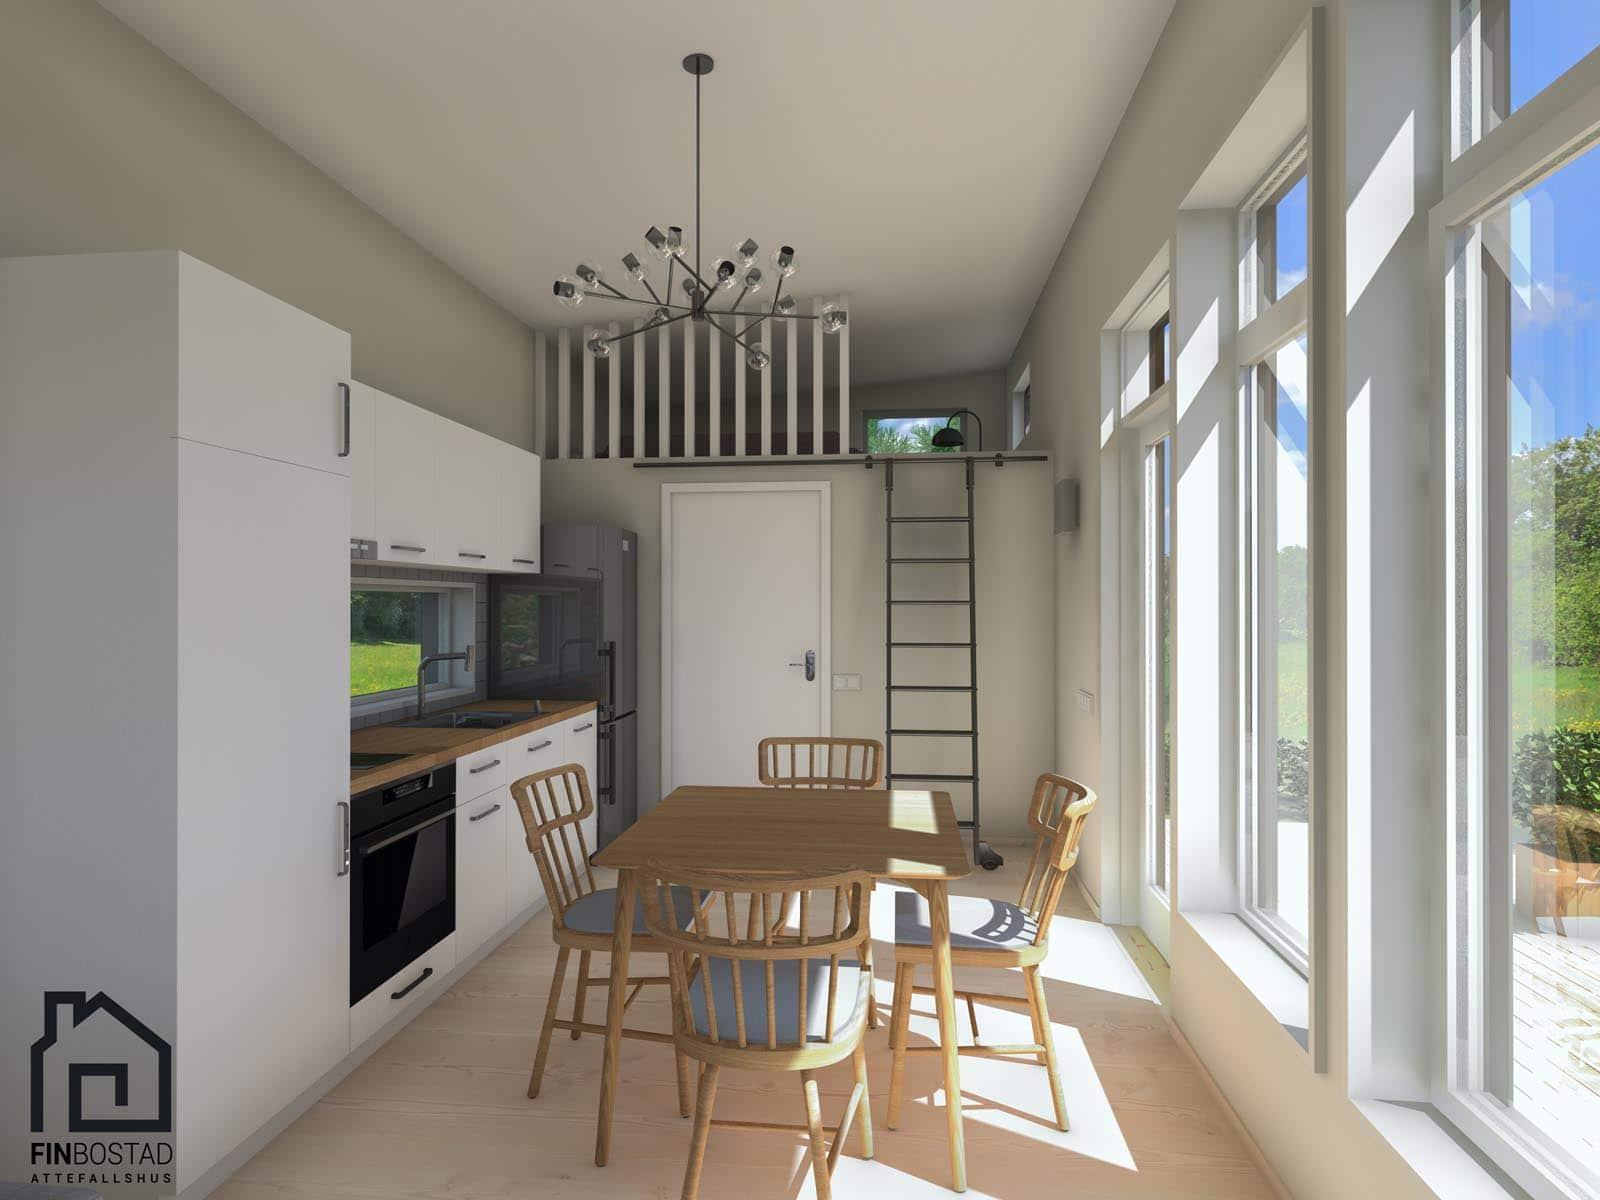 Gotland interior 2